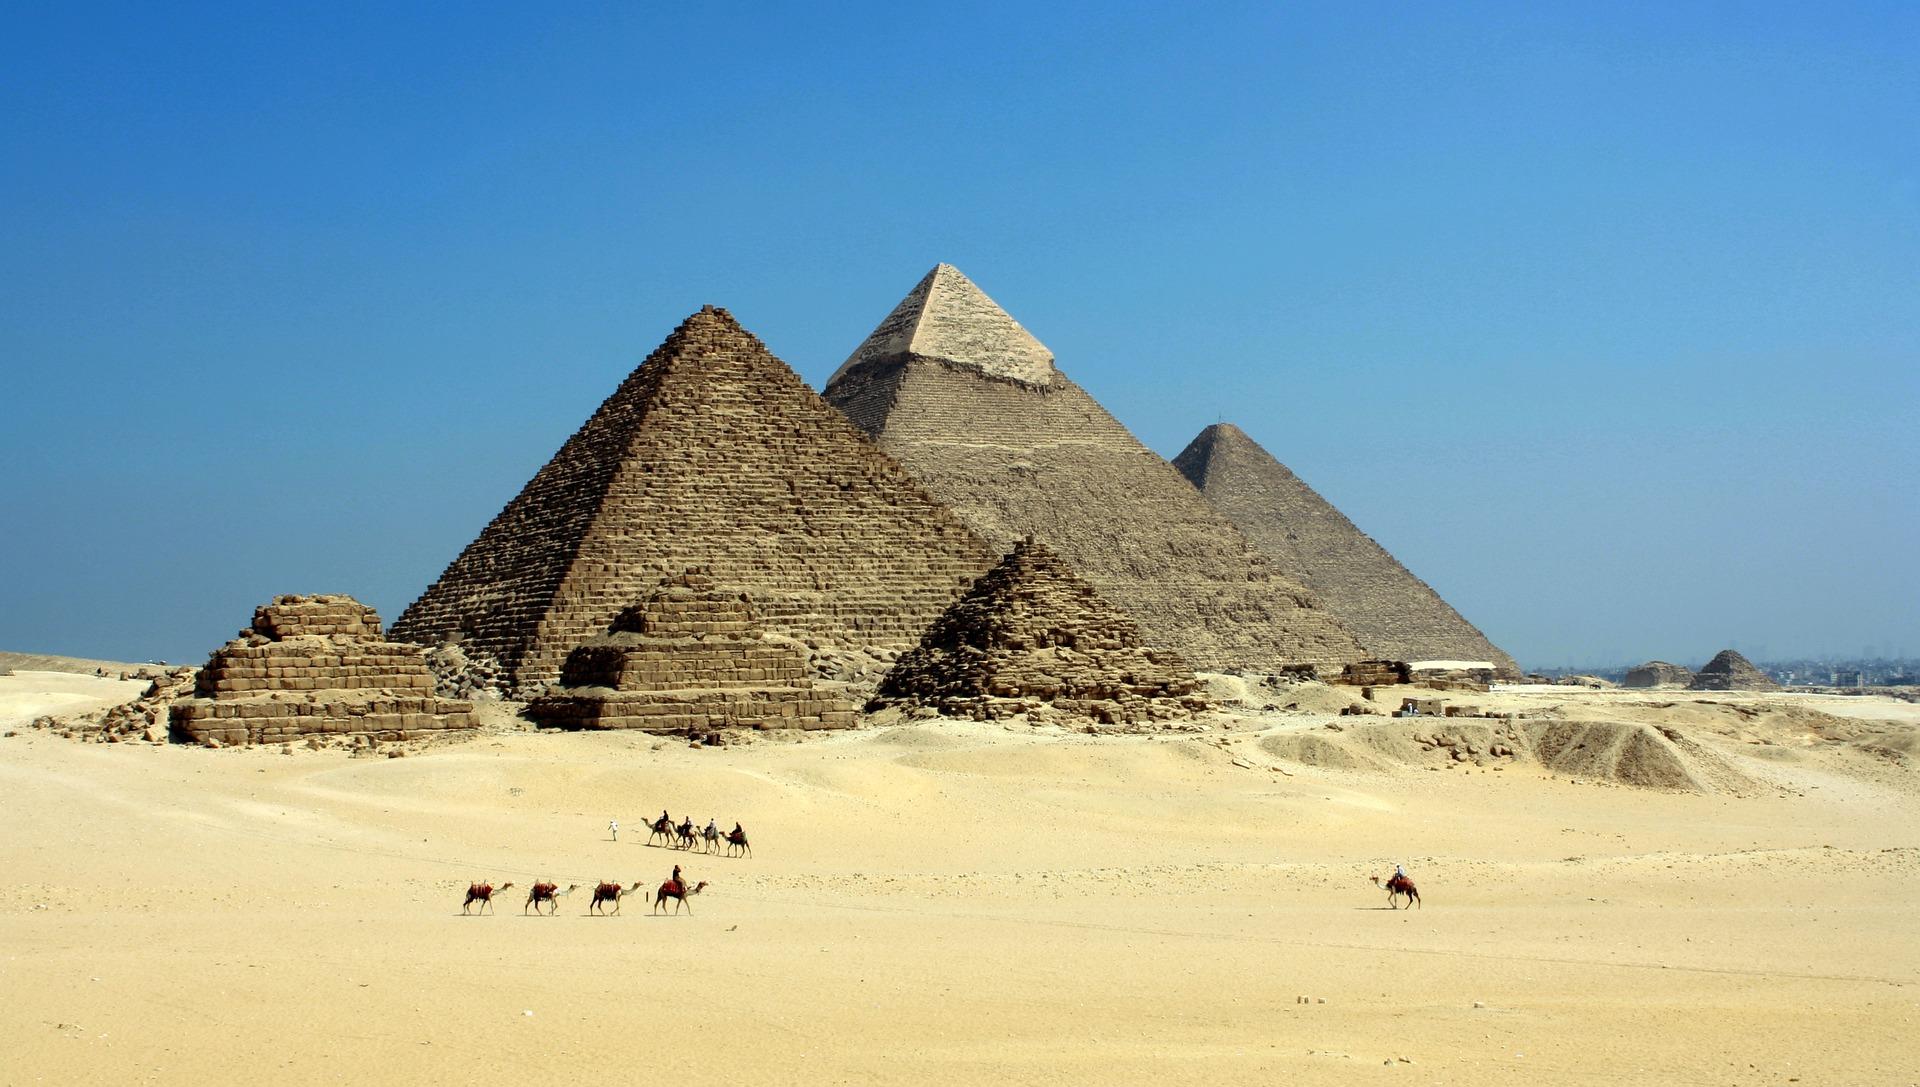 egypt-2569182_1920.jpg